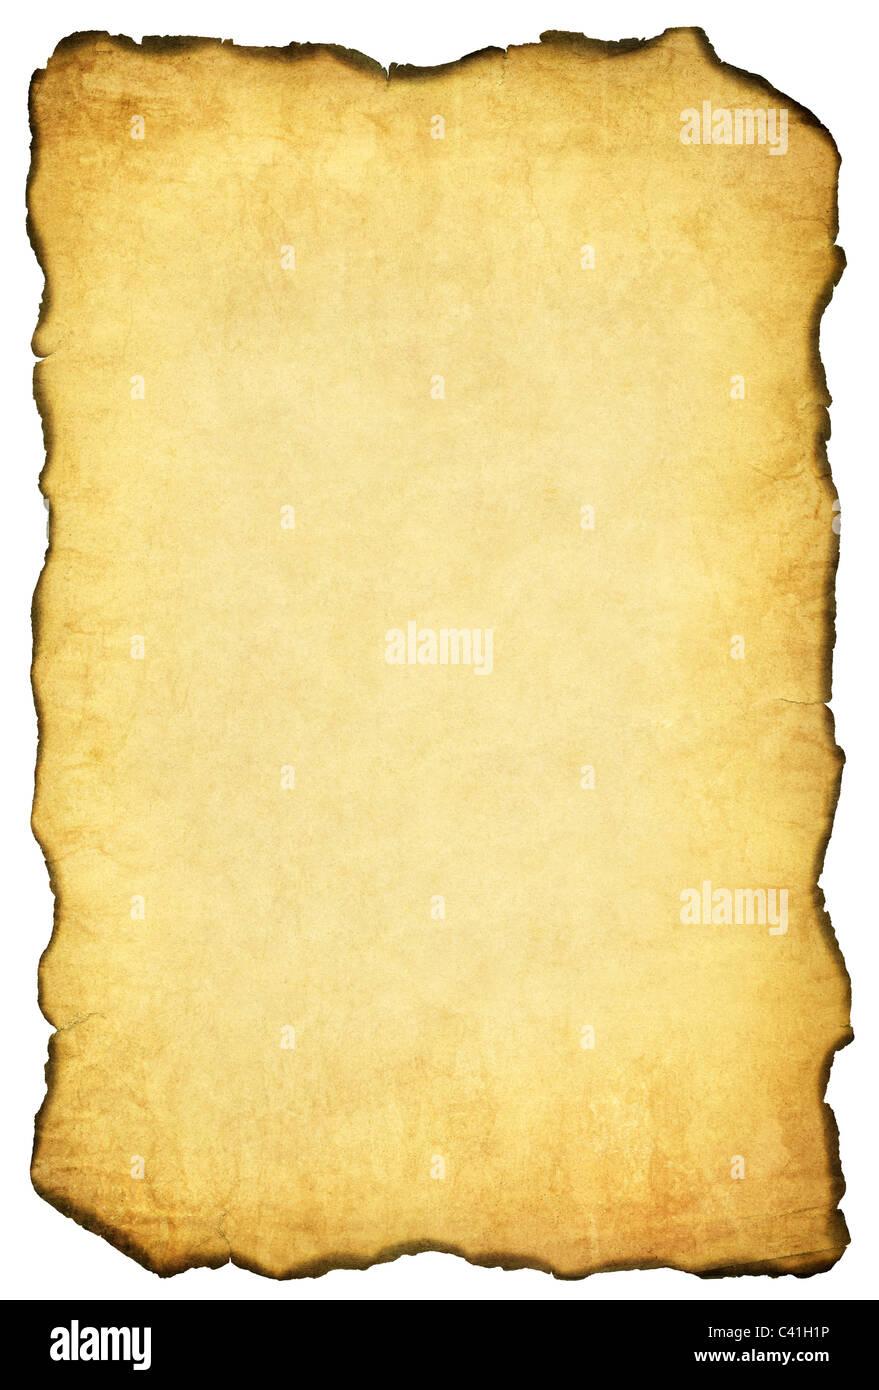 Burnt vintage paper background - Stock Image